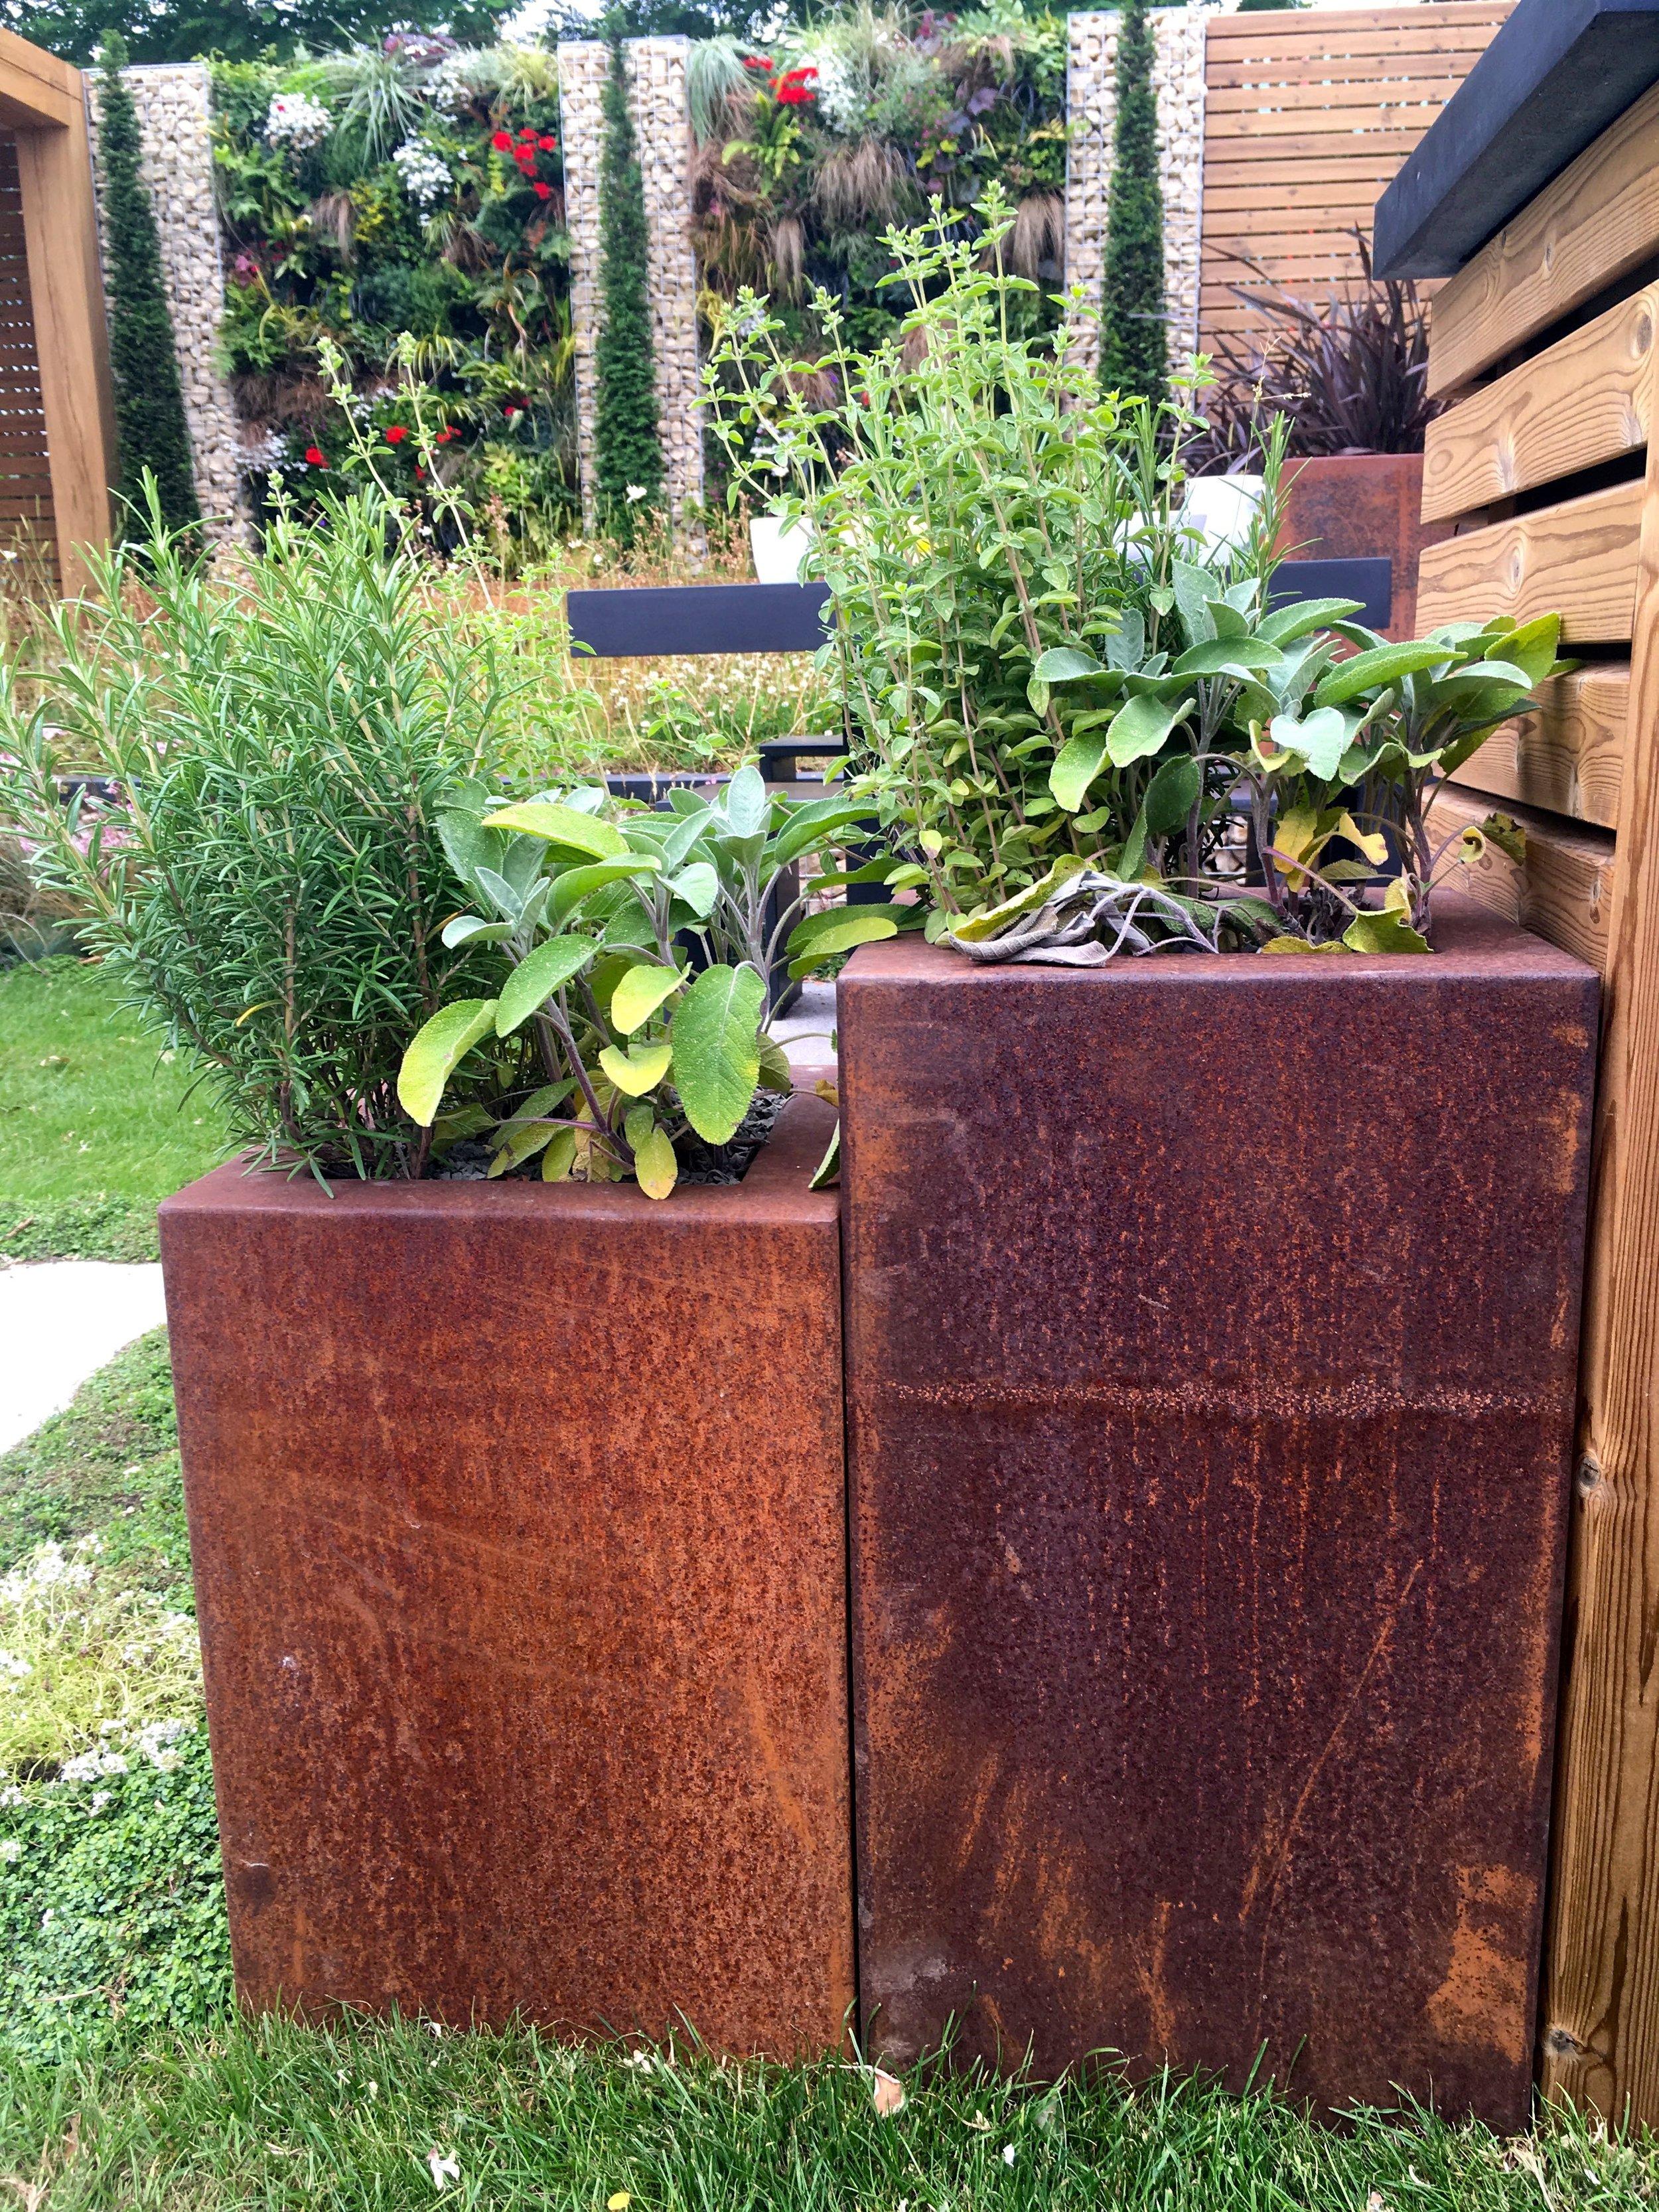 Corten steel planters - swoon!